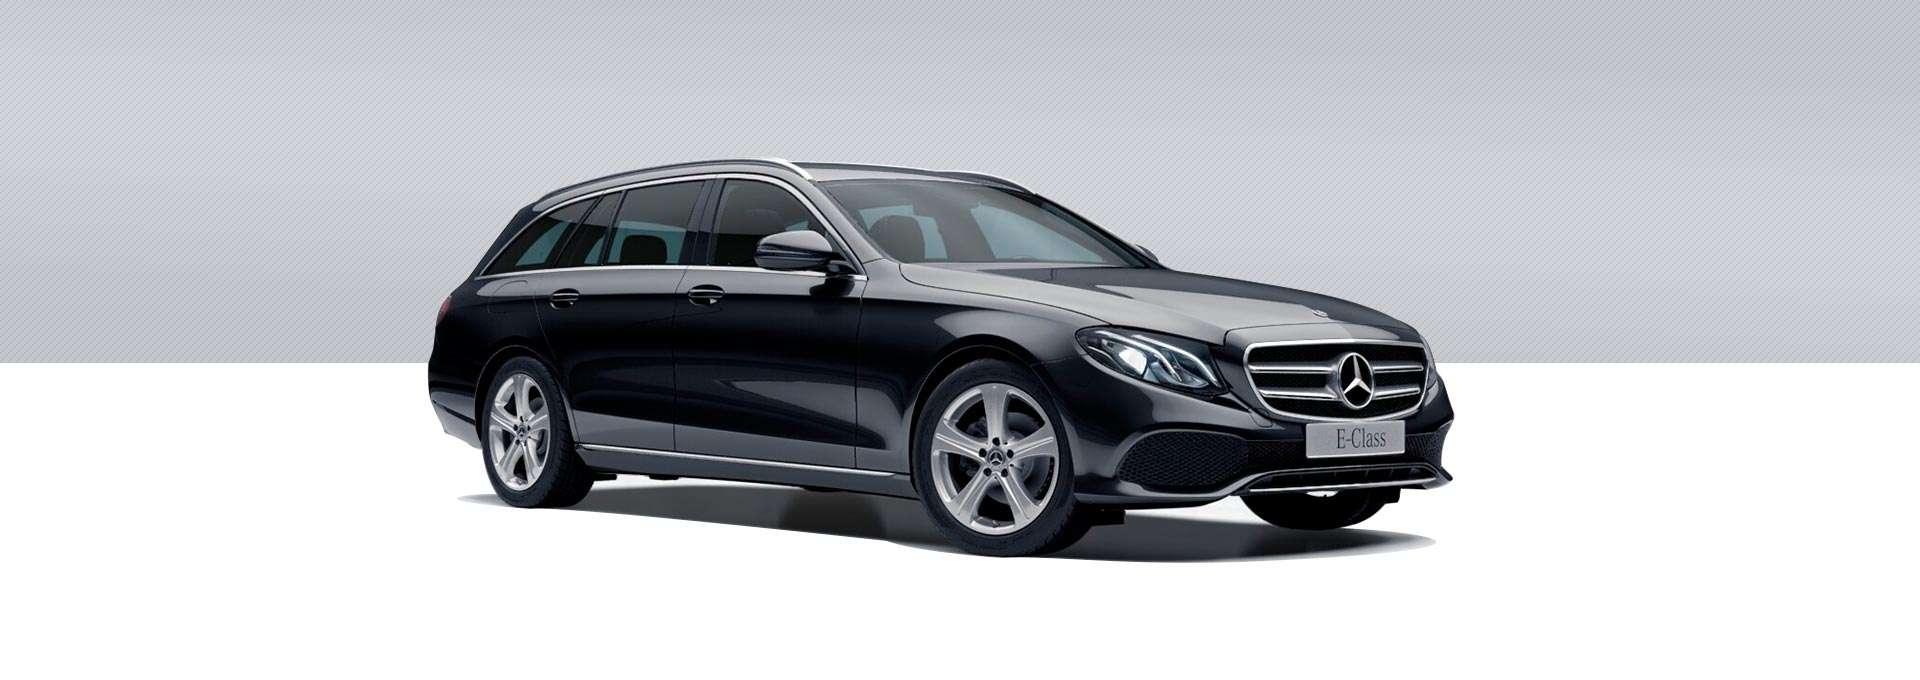 Mercedes Benz CLASE E ESTATE